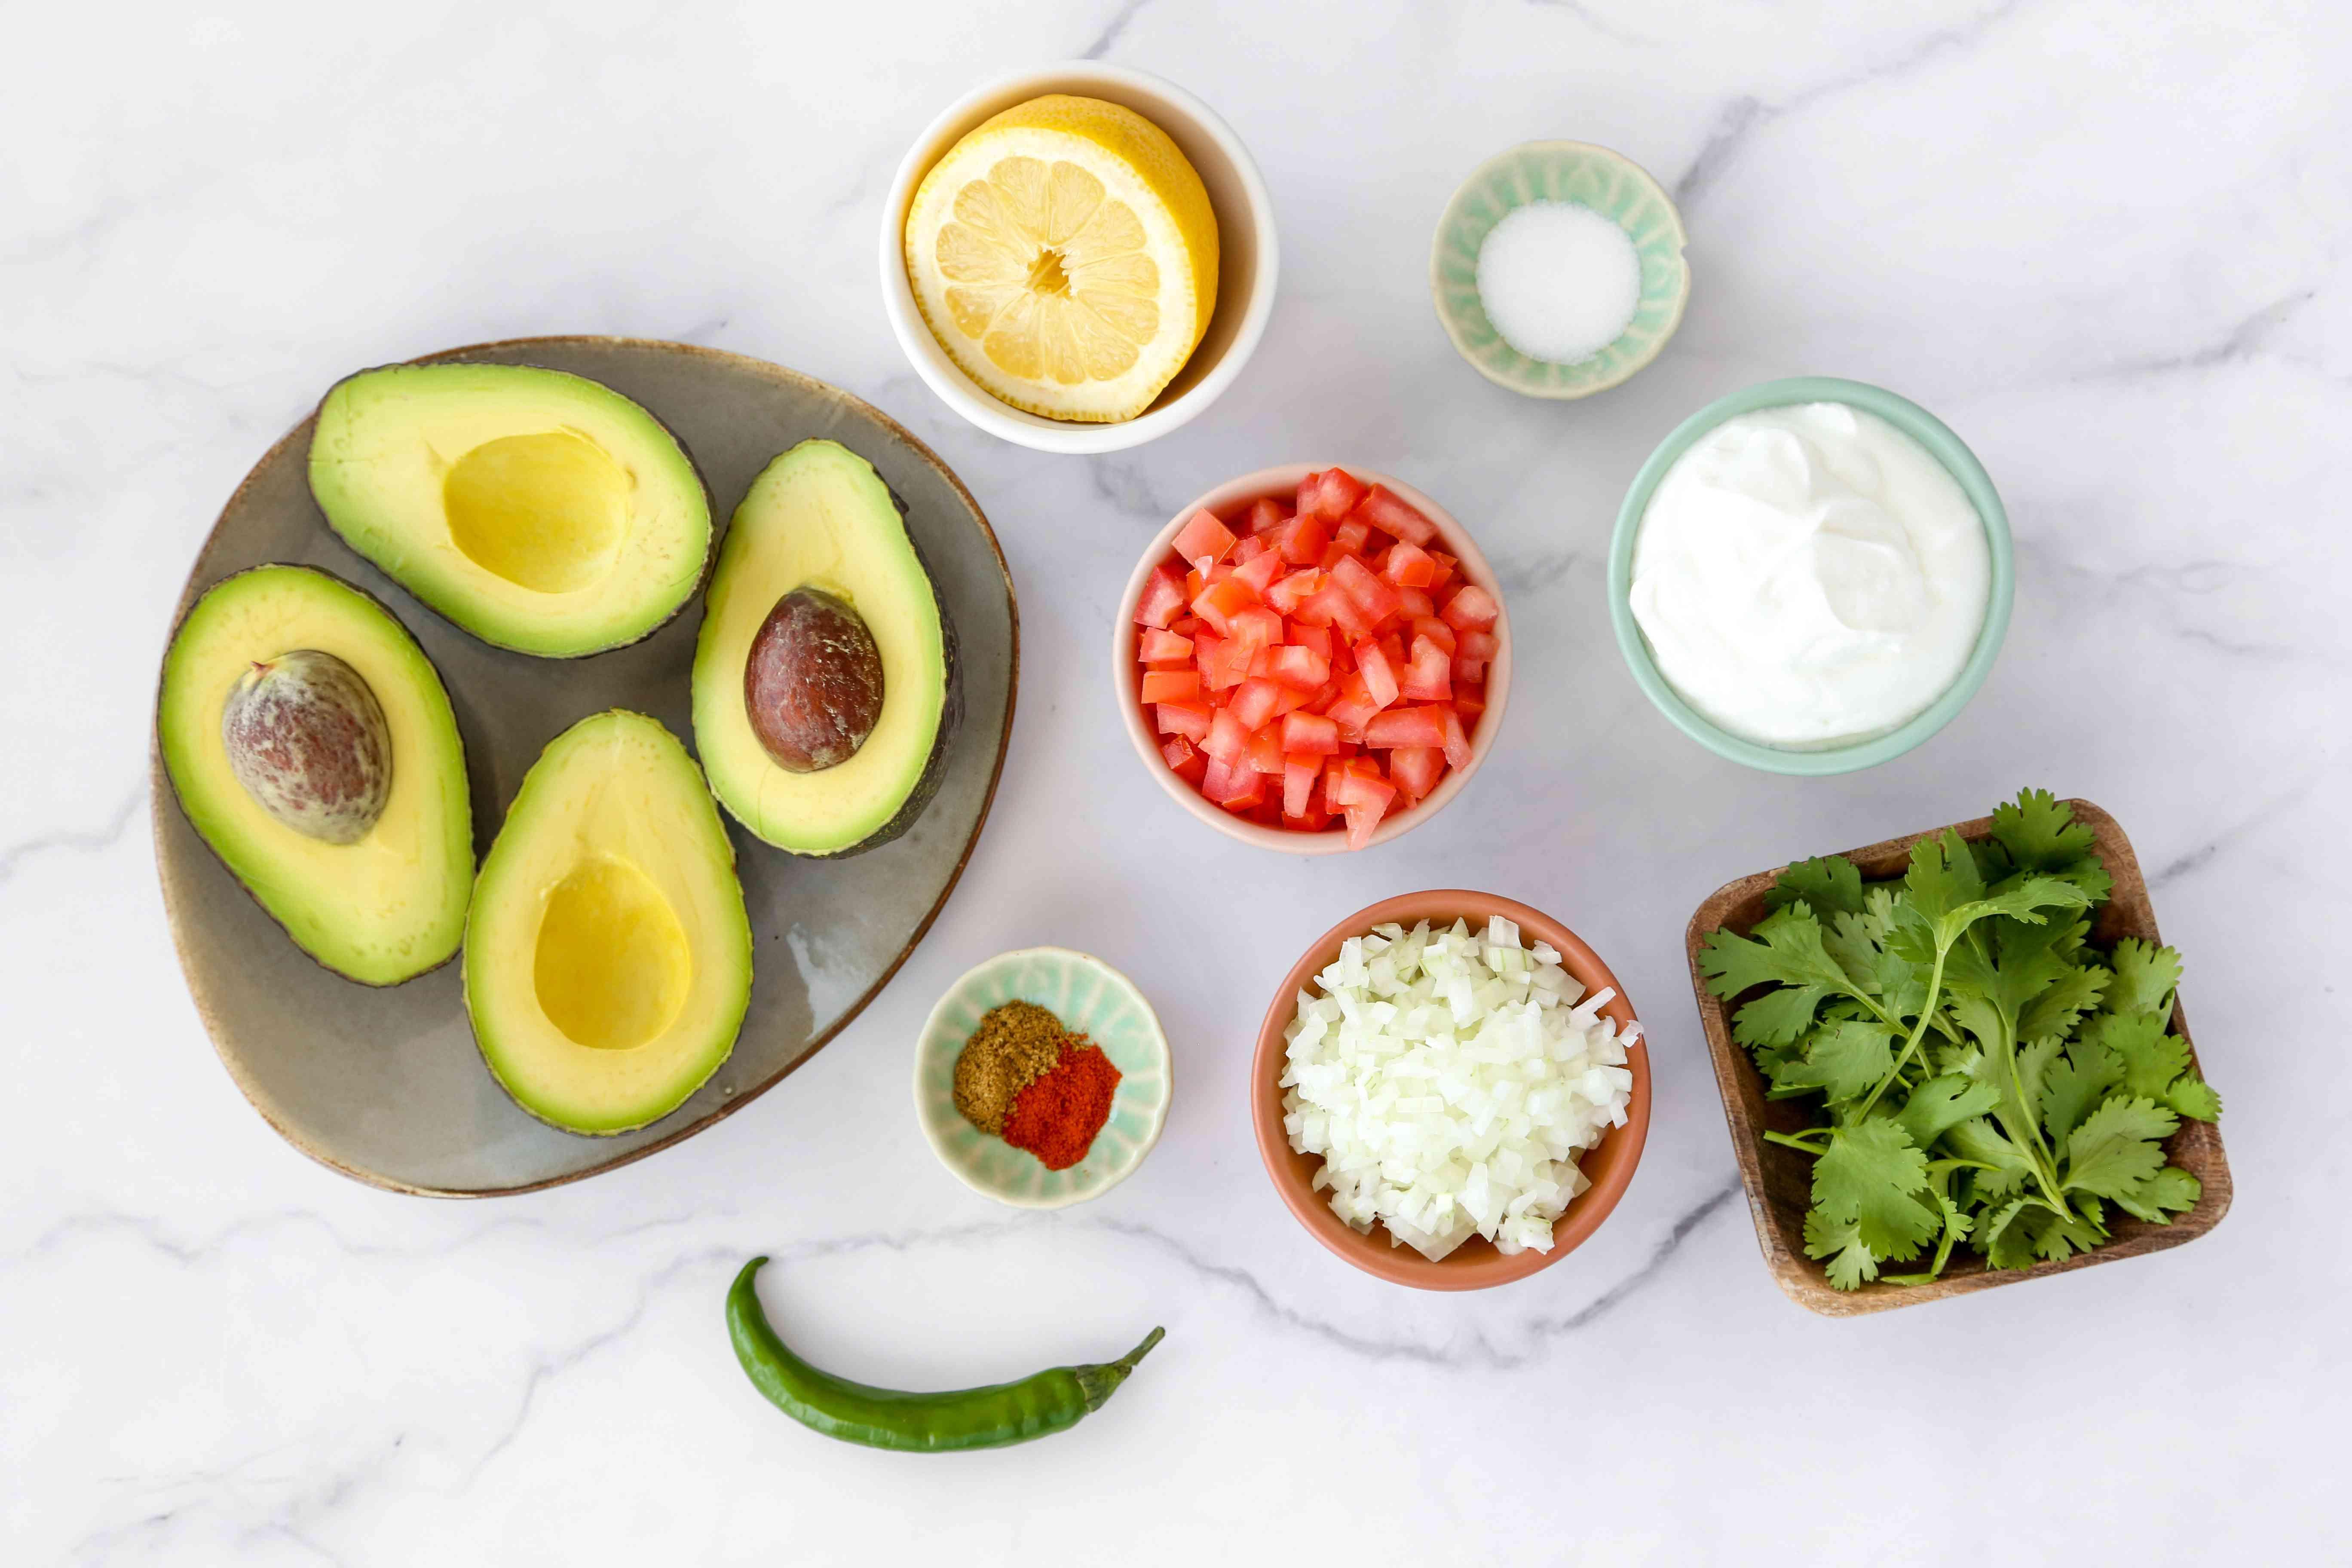 Avocado Raita (Indian Guacamole) ingredients